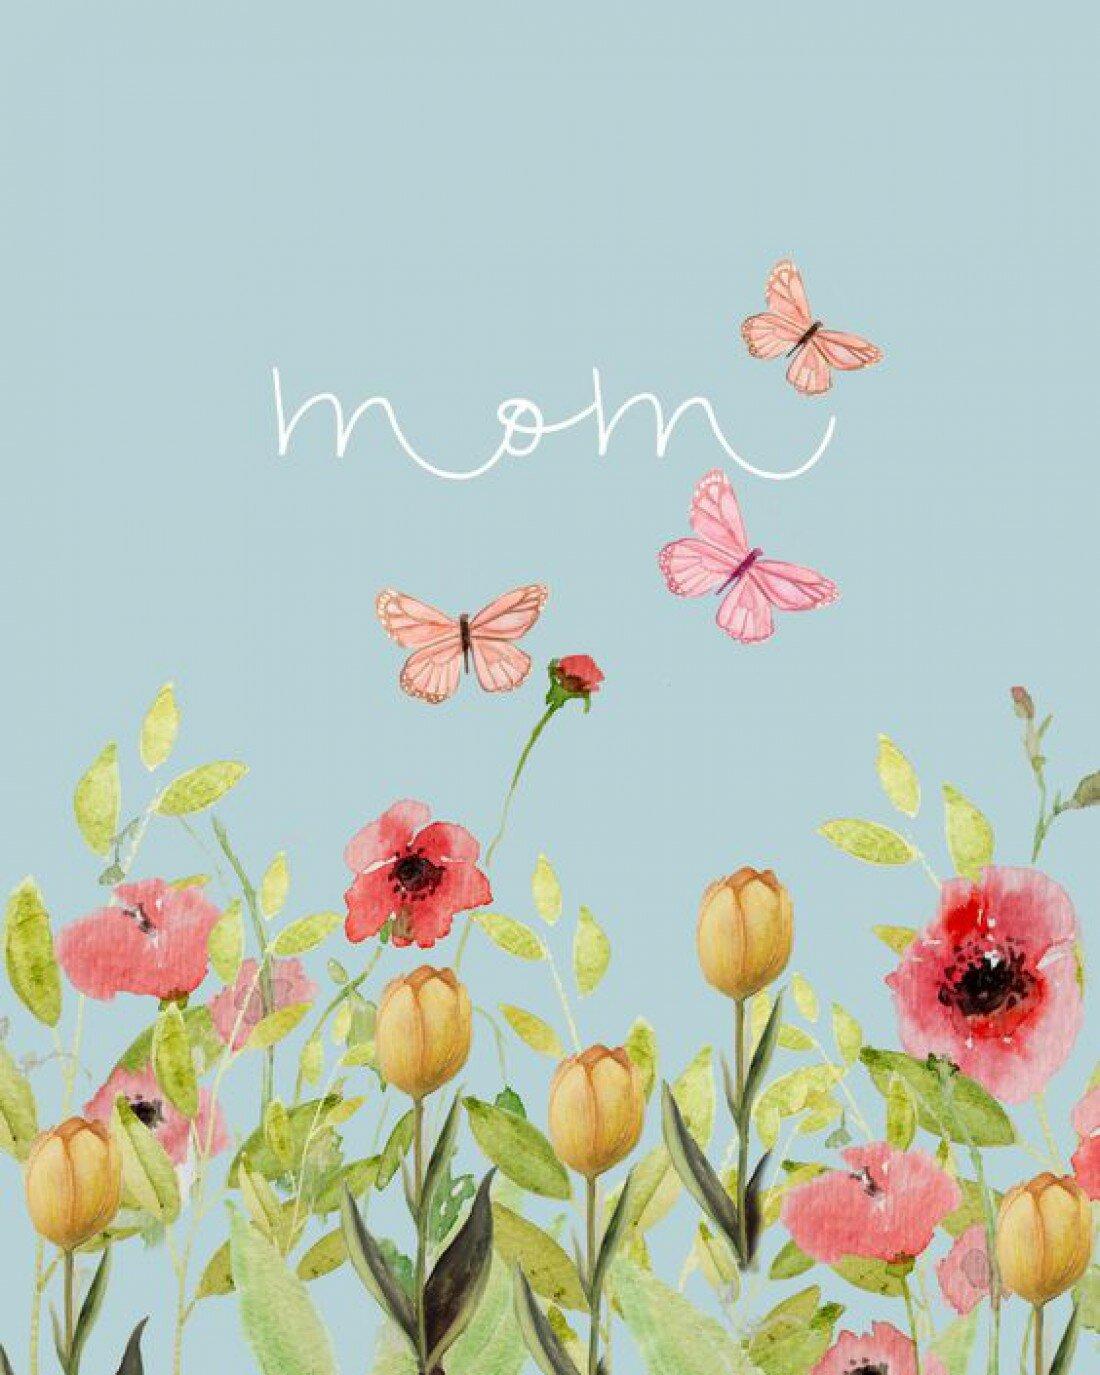 С днем матери открытка стильная